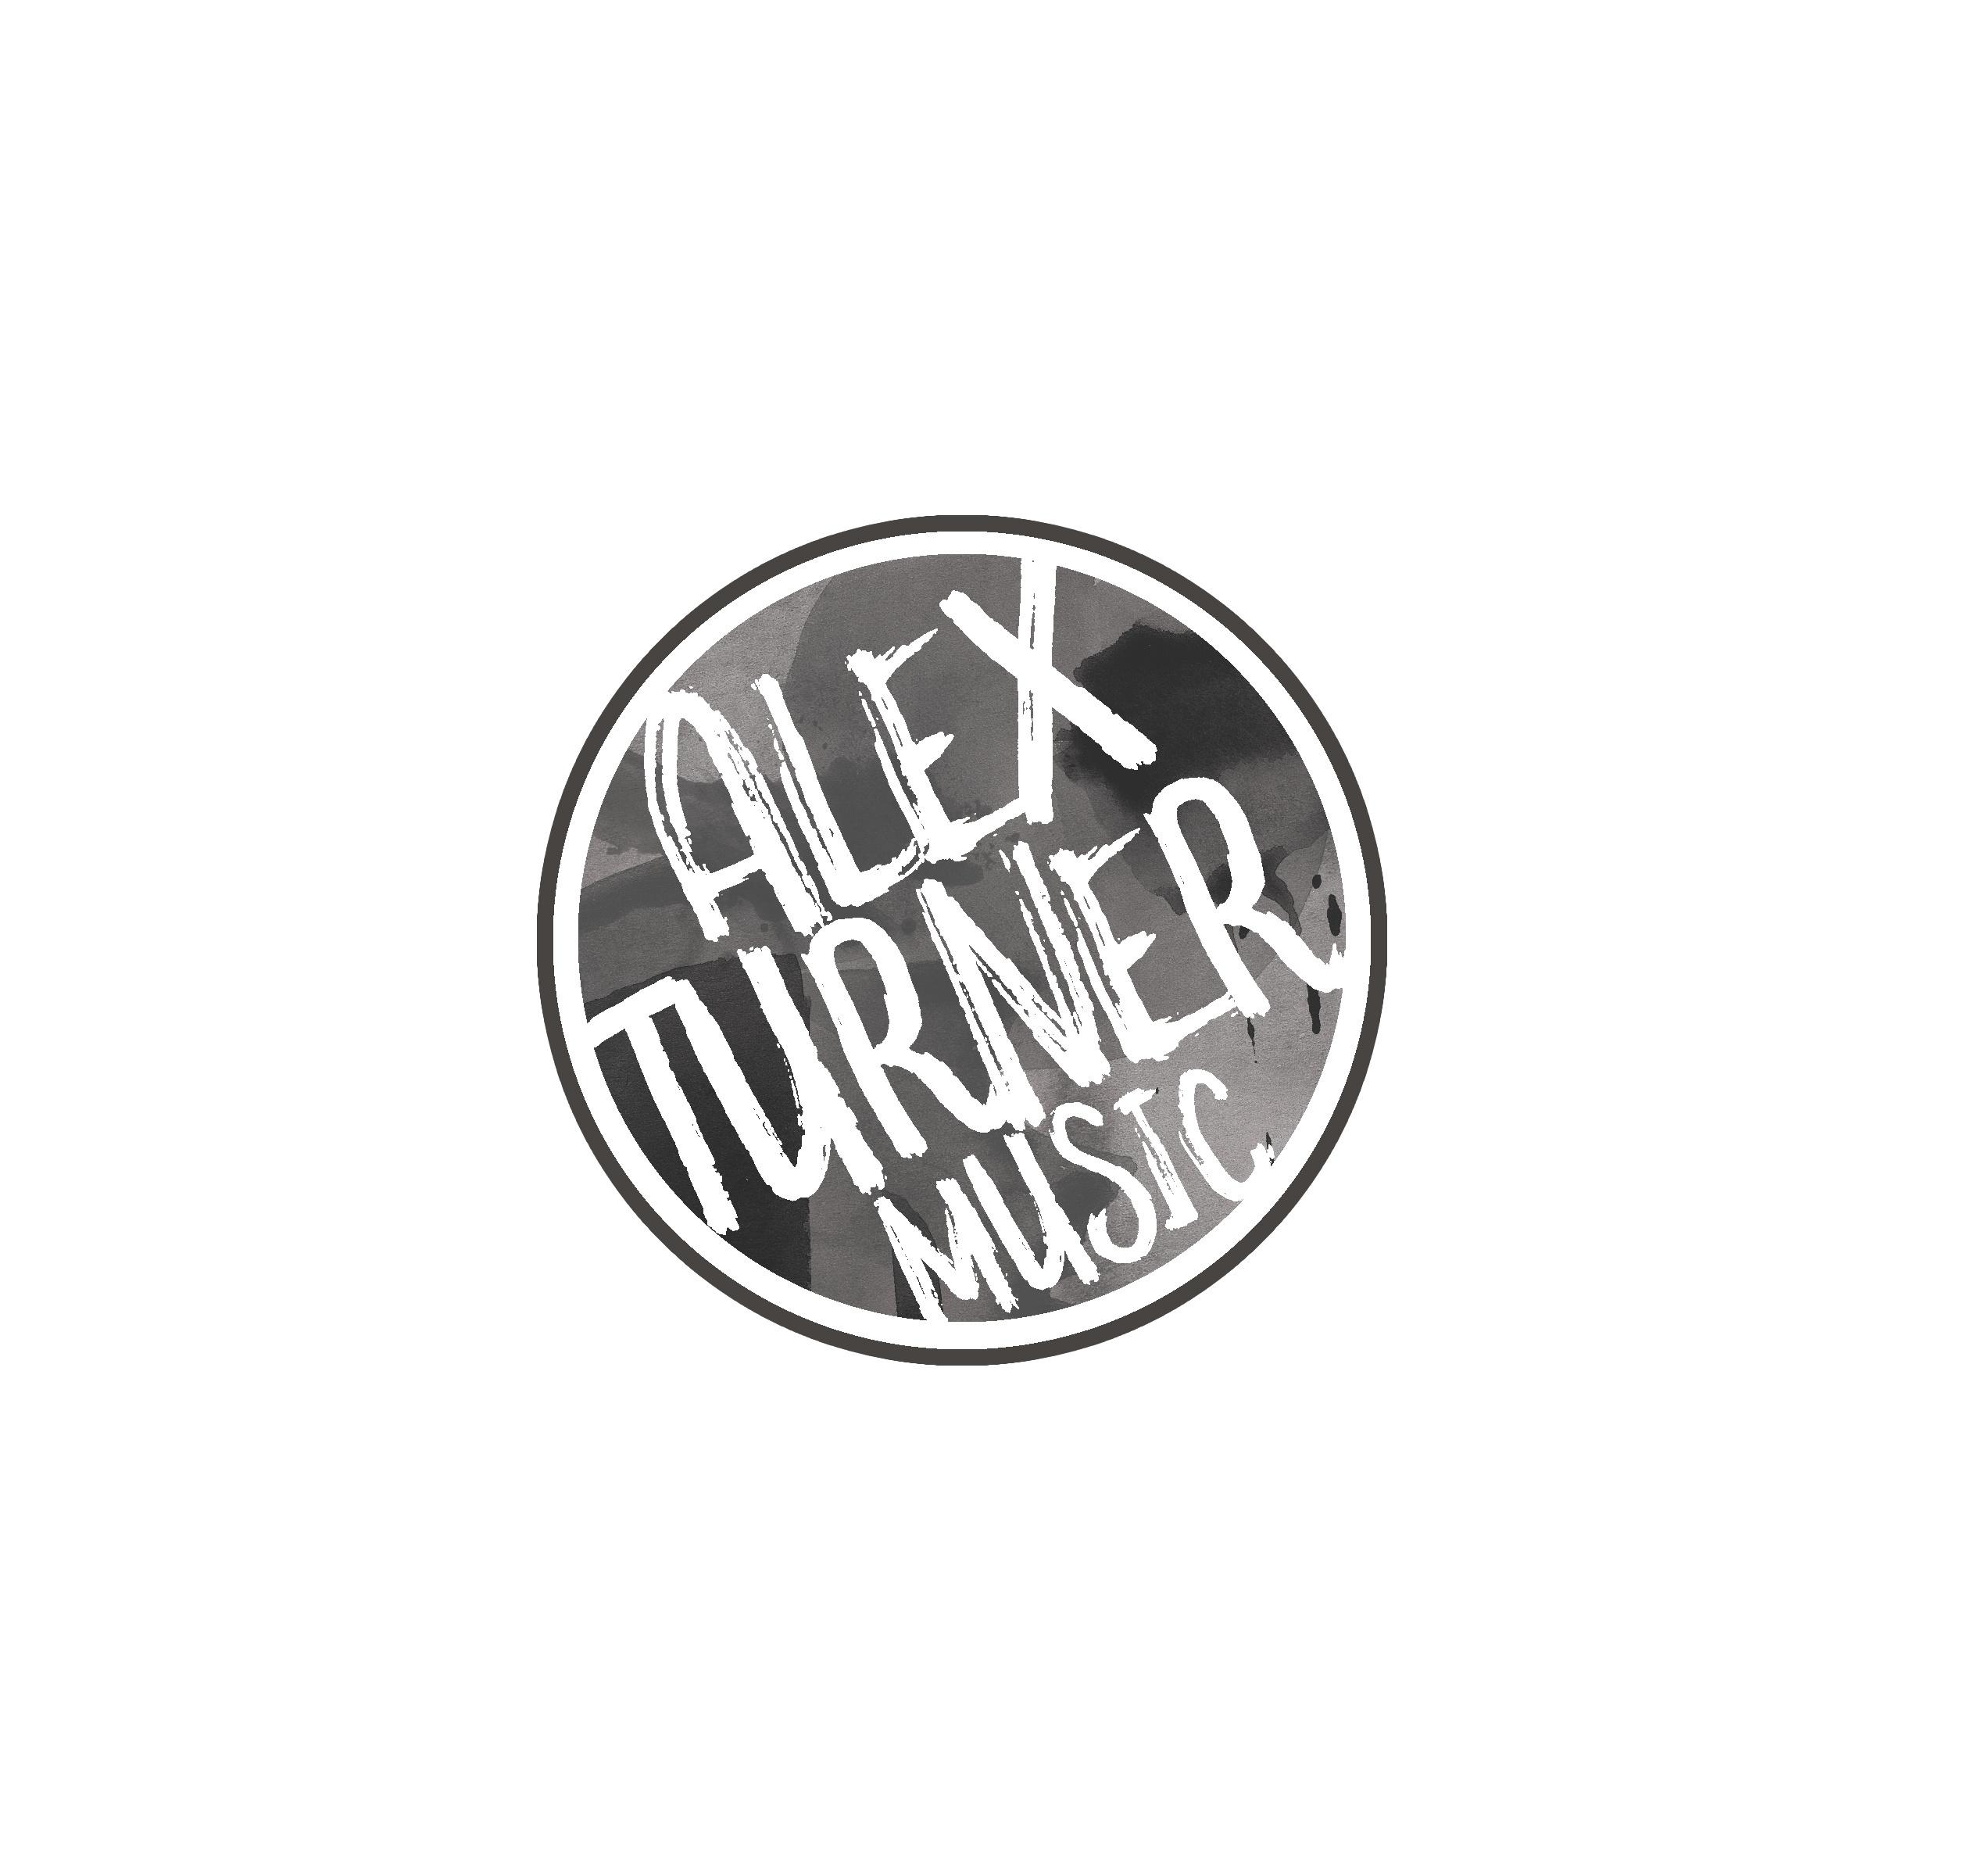 alexturner